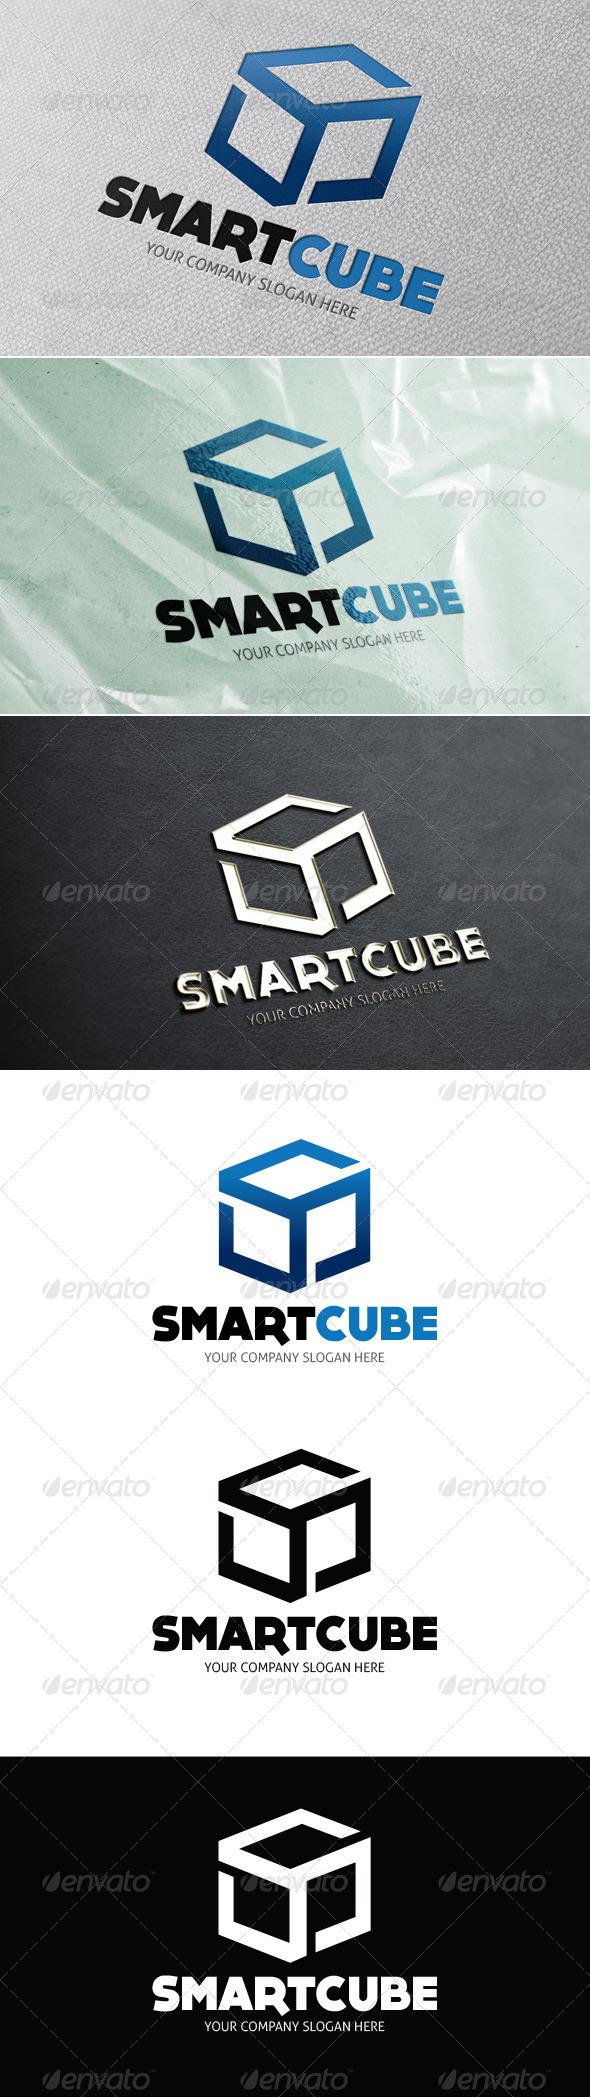 GraphicRiver Smart Cube 7094625